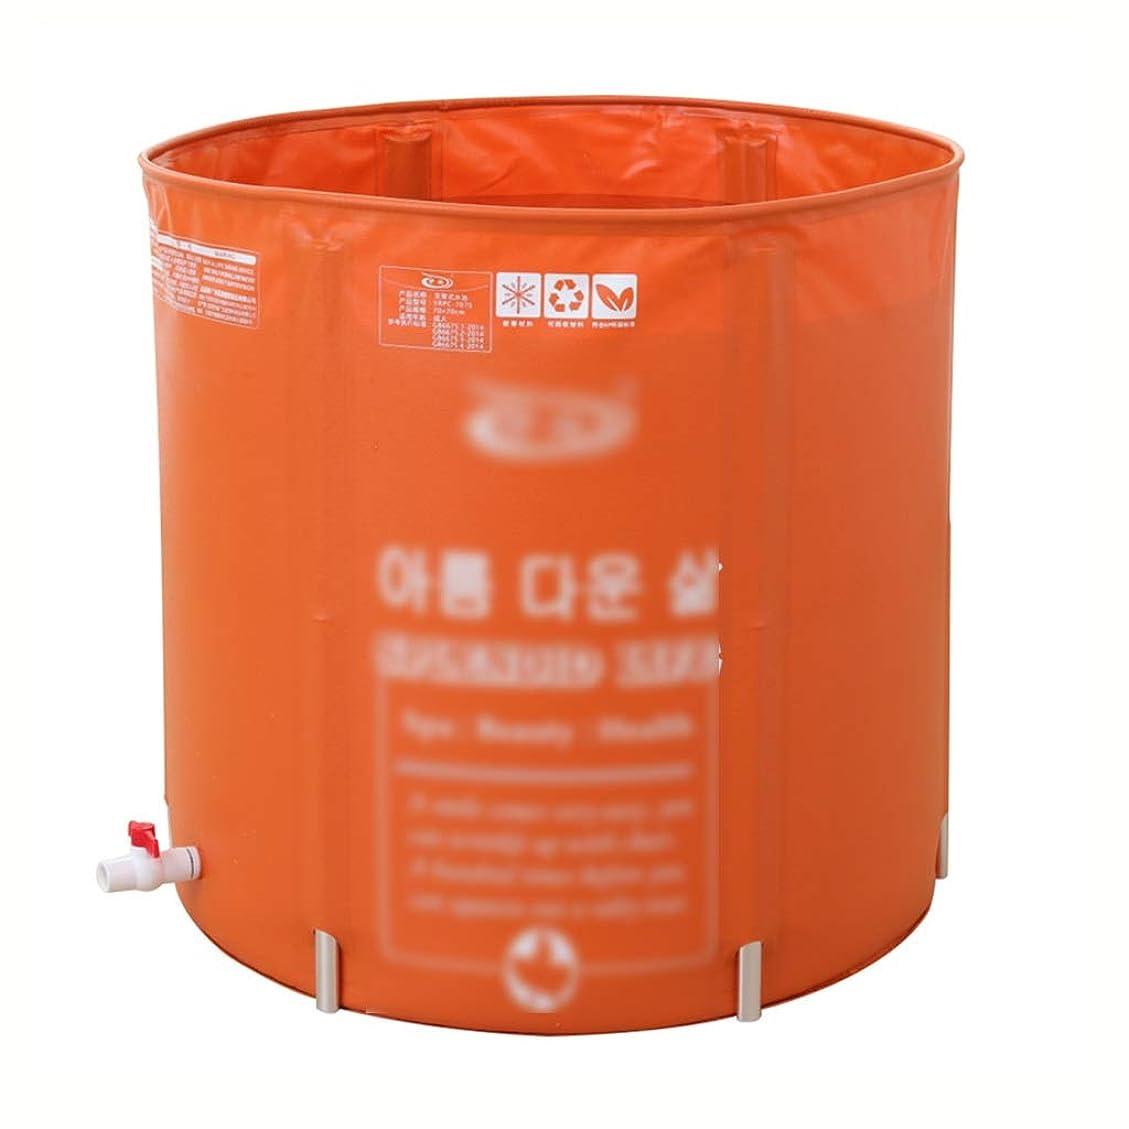 リンス本部毎週折りたたみ浴槽大人用浴槽インフレータブル浴槽厚くなった浴槽浴槽子供用プール調節可能な高さ便利な保管 (Color : ORANGE, Size : 70*70CM)